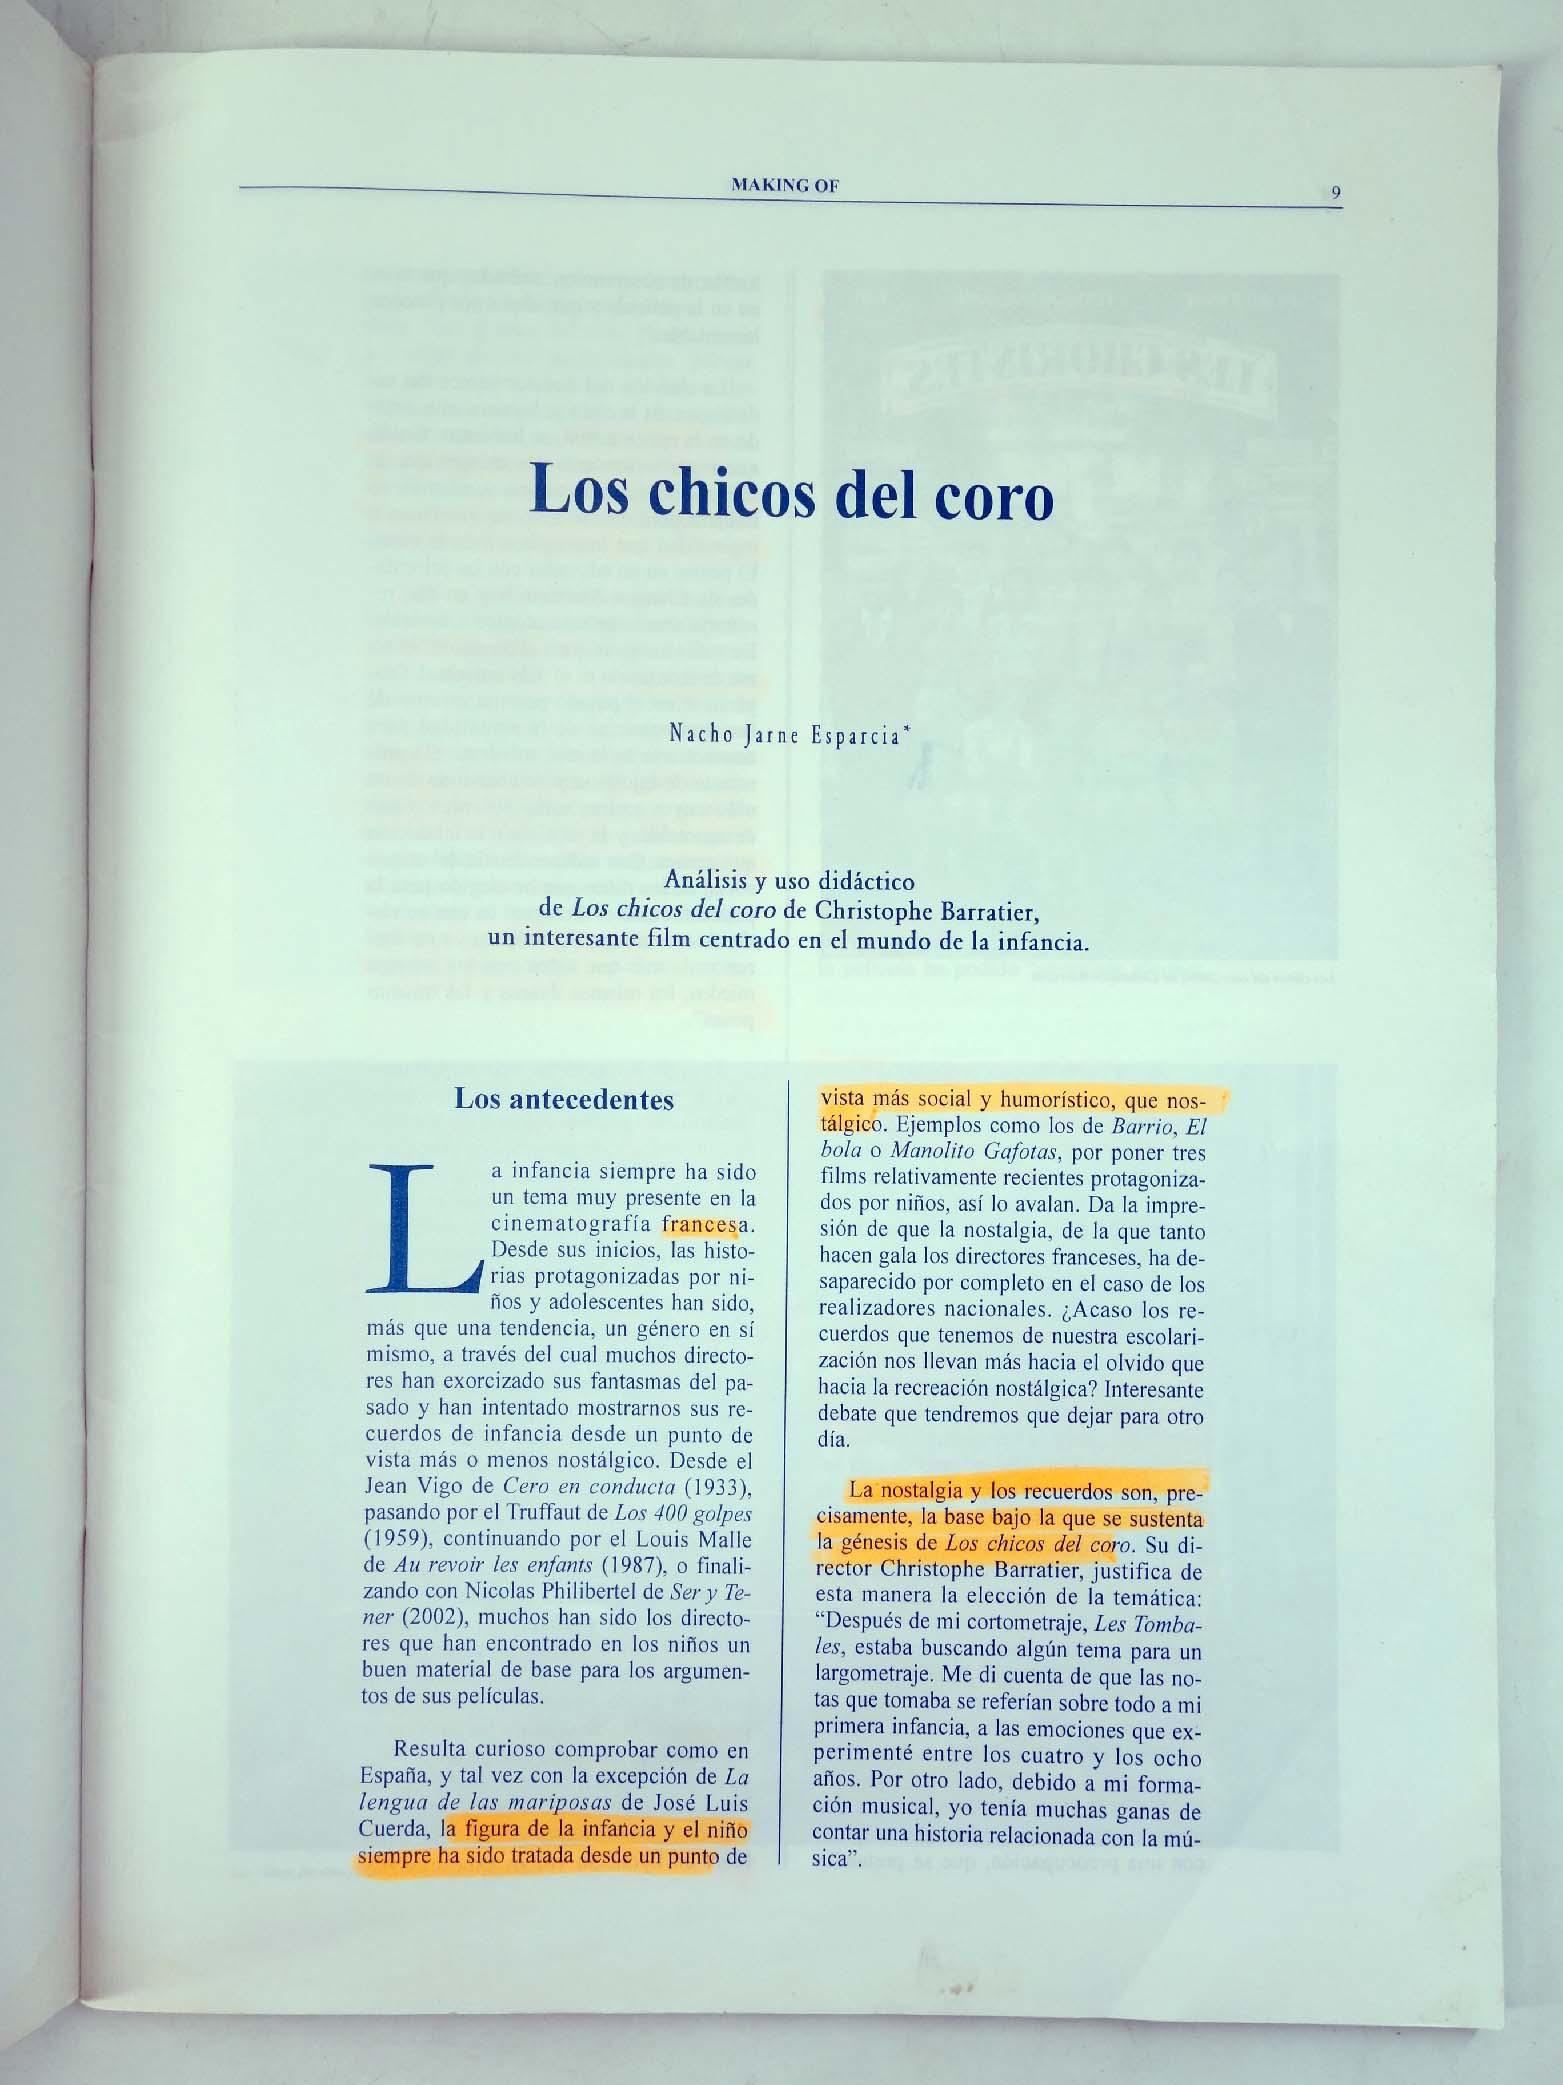 REVISTA MAKING OF, CUADERNOS DE CINE Y EDUCACIÓN 30